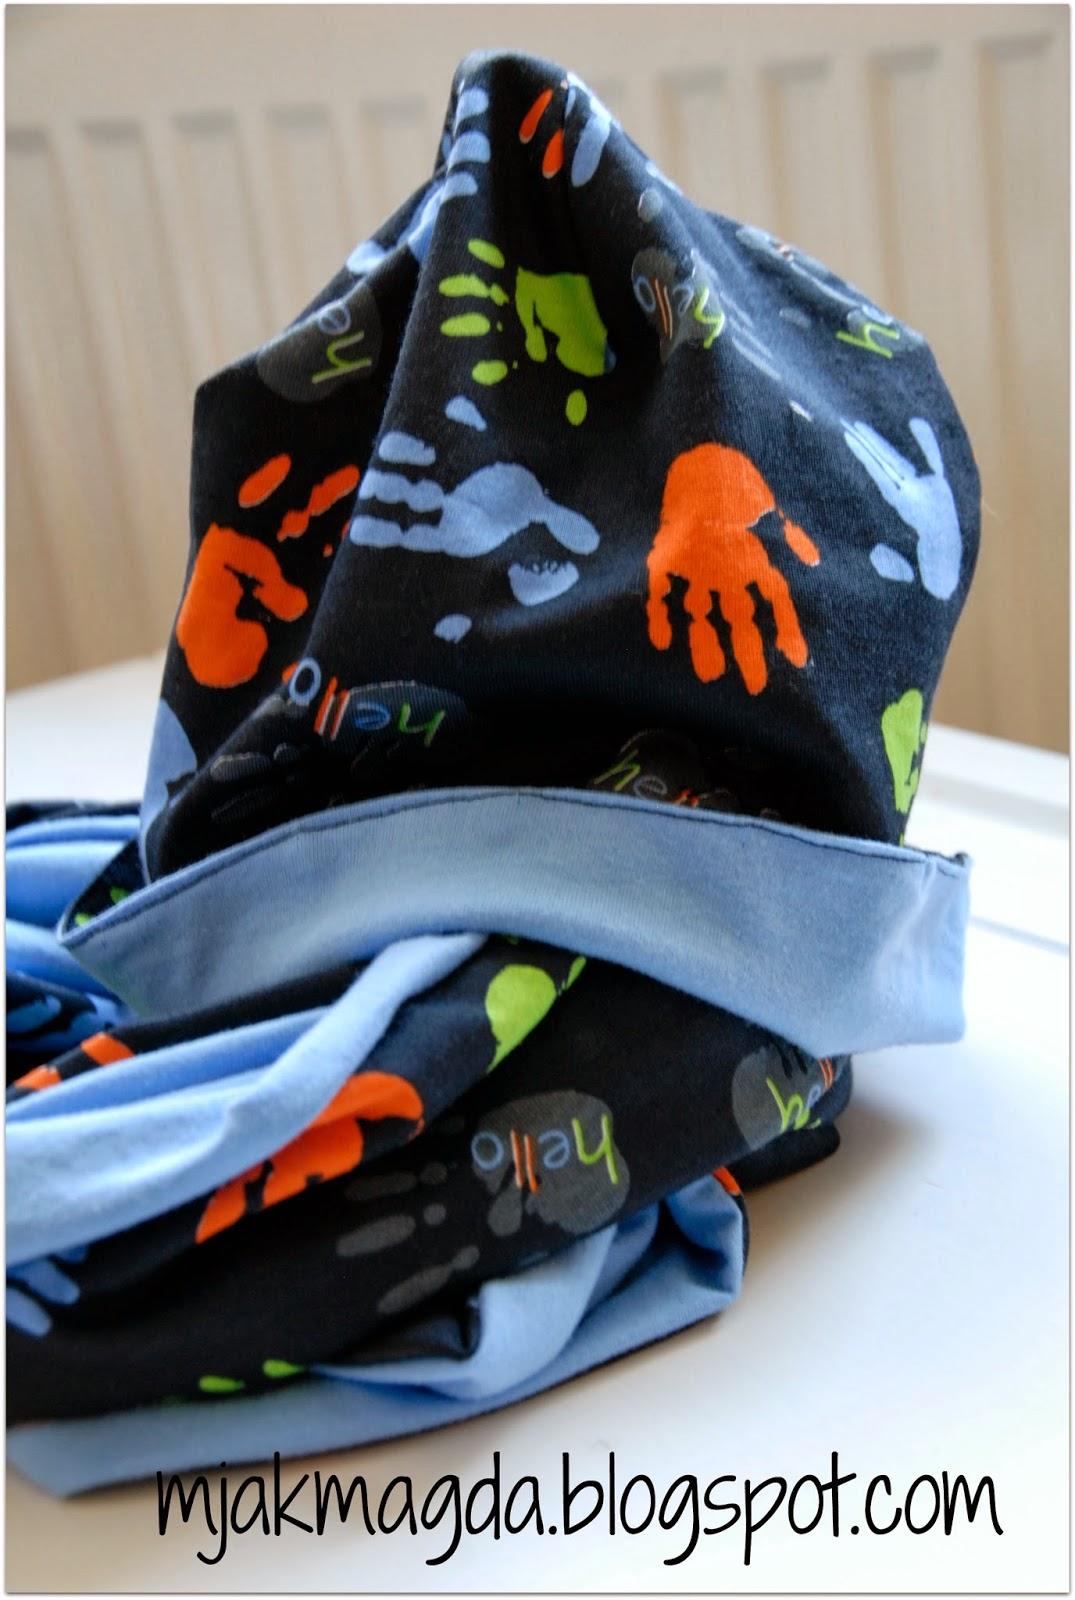 czapka, komin, szal, szalik, dwustronny, dwustronna, dziceięcy, dla dziecka, dzianina, z dzianiny, kolorowa, kolorowy, łapki, wzory, wzorki, hello, cienka, lekka, uszyta, uszyć, handmade, rękodzięło, cap, chimney, shawl, scarf, double-sided, double-sided, dziceięcy, for a child, knit, knit, color, color, feet, designs, patterns, hello, thin, lightweight, sewn, sew, handmade, hand made,